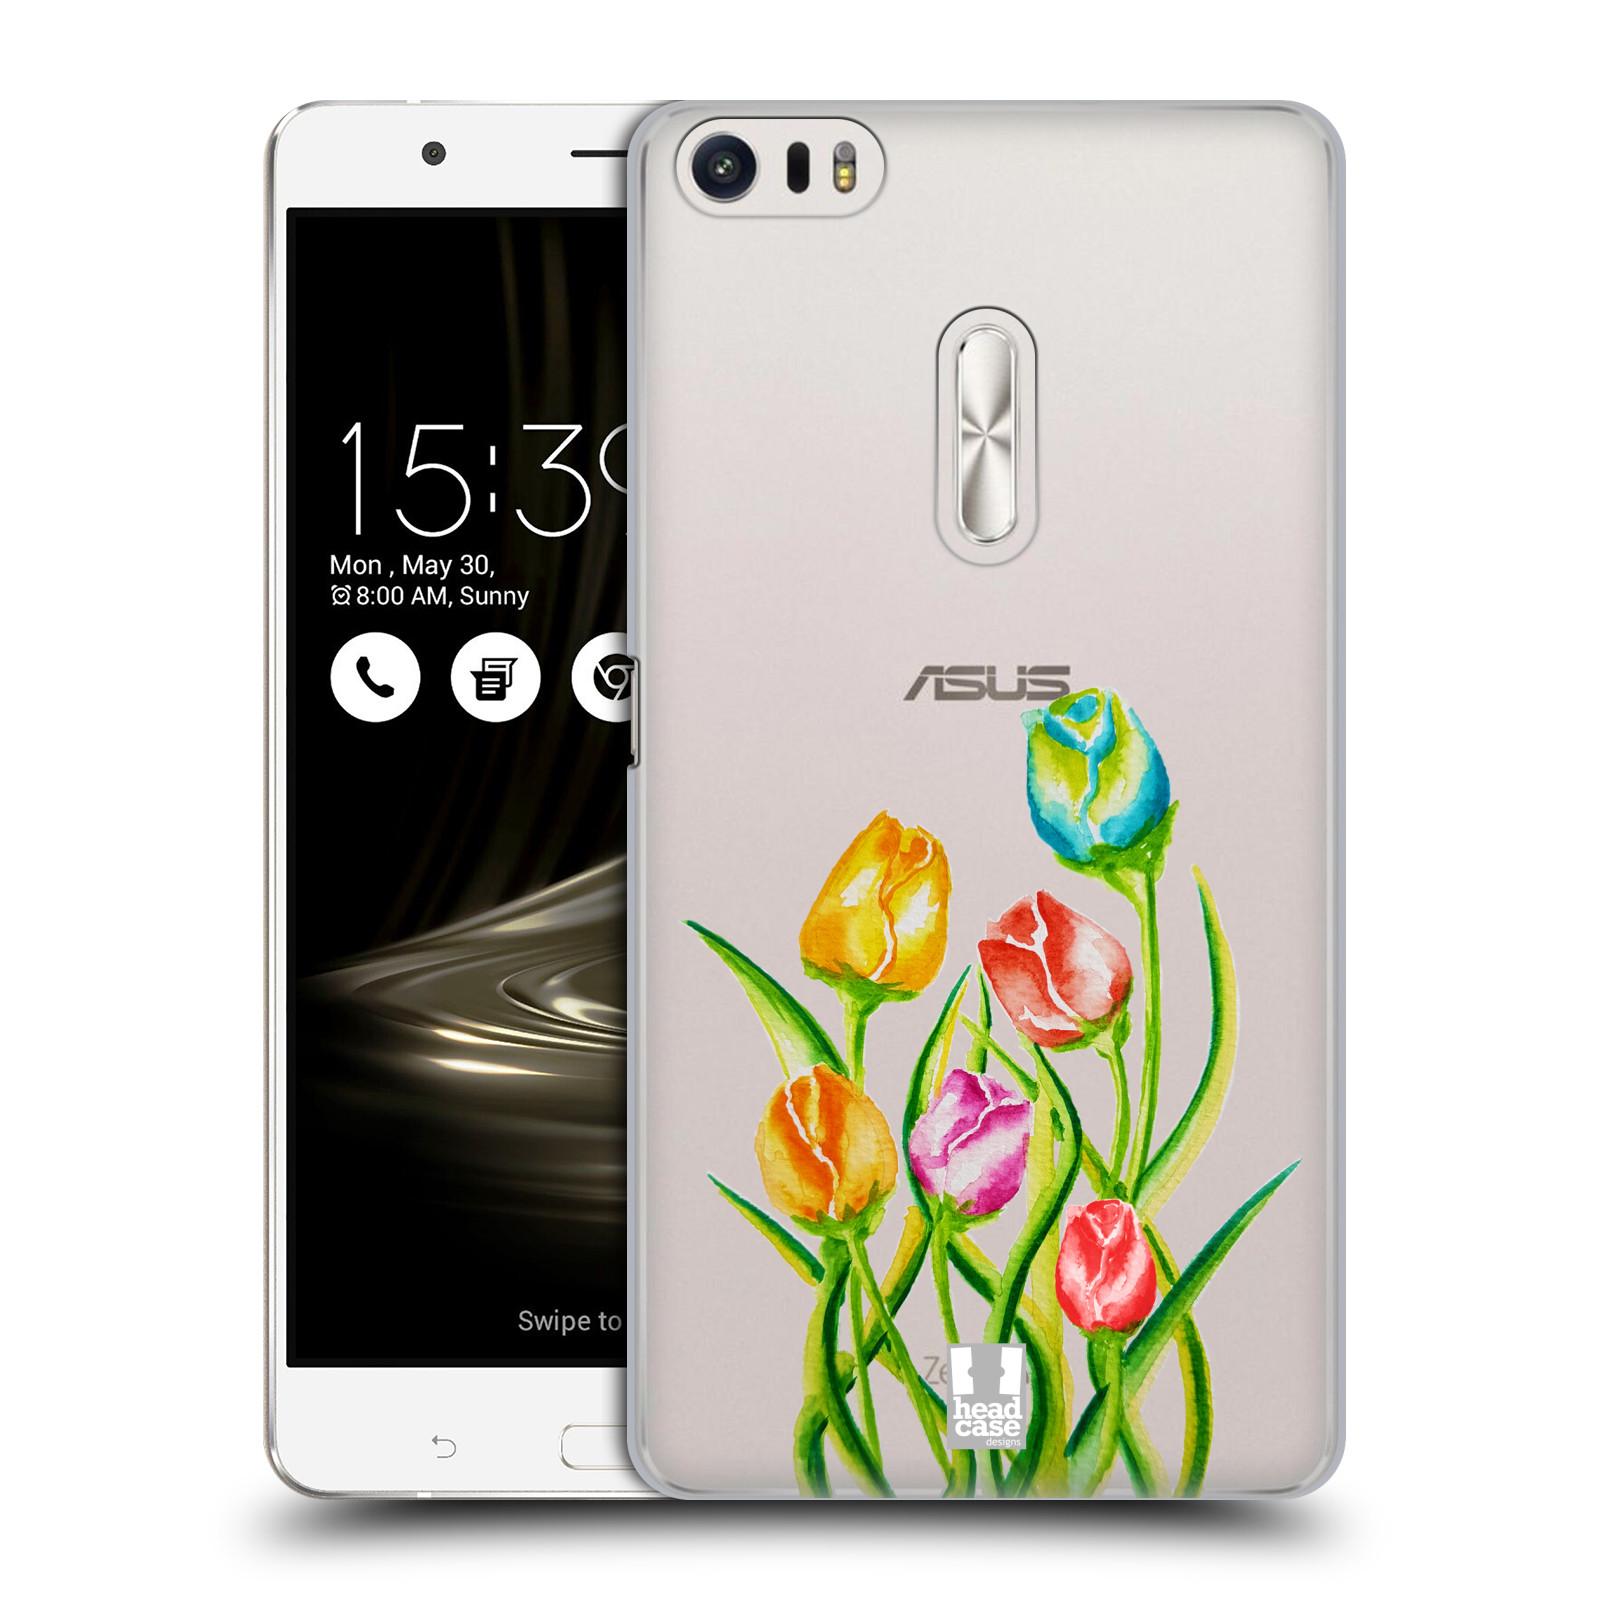 HEAD CASE plastový obal na mobil Asus Zenfone 3 Ultra ZU680KL Květina Tulipán vodní barvy